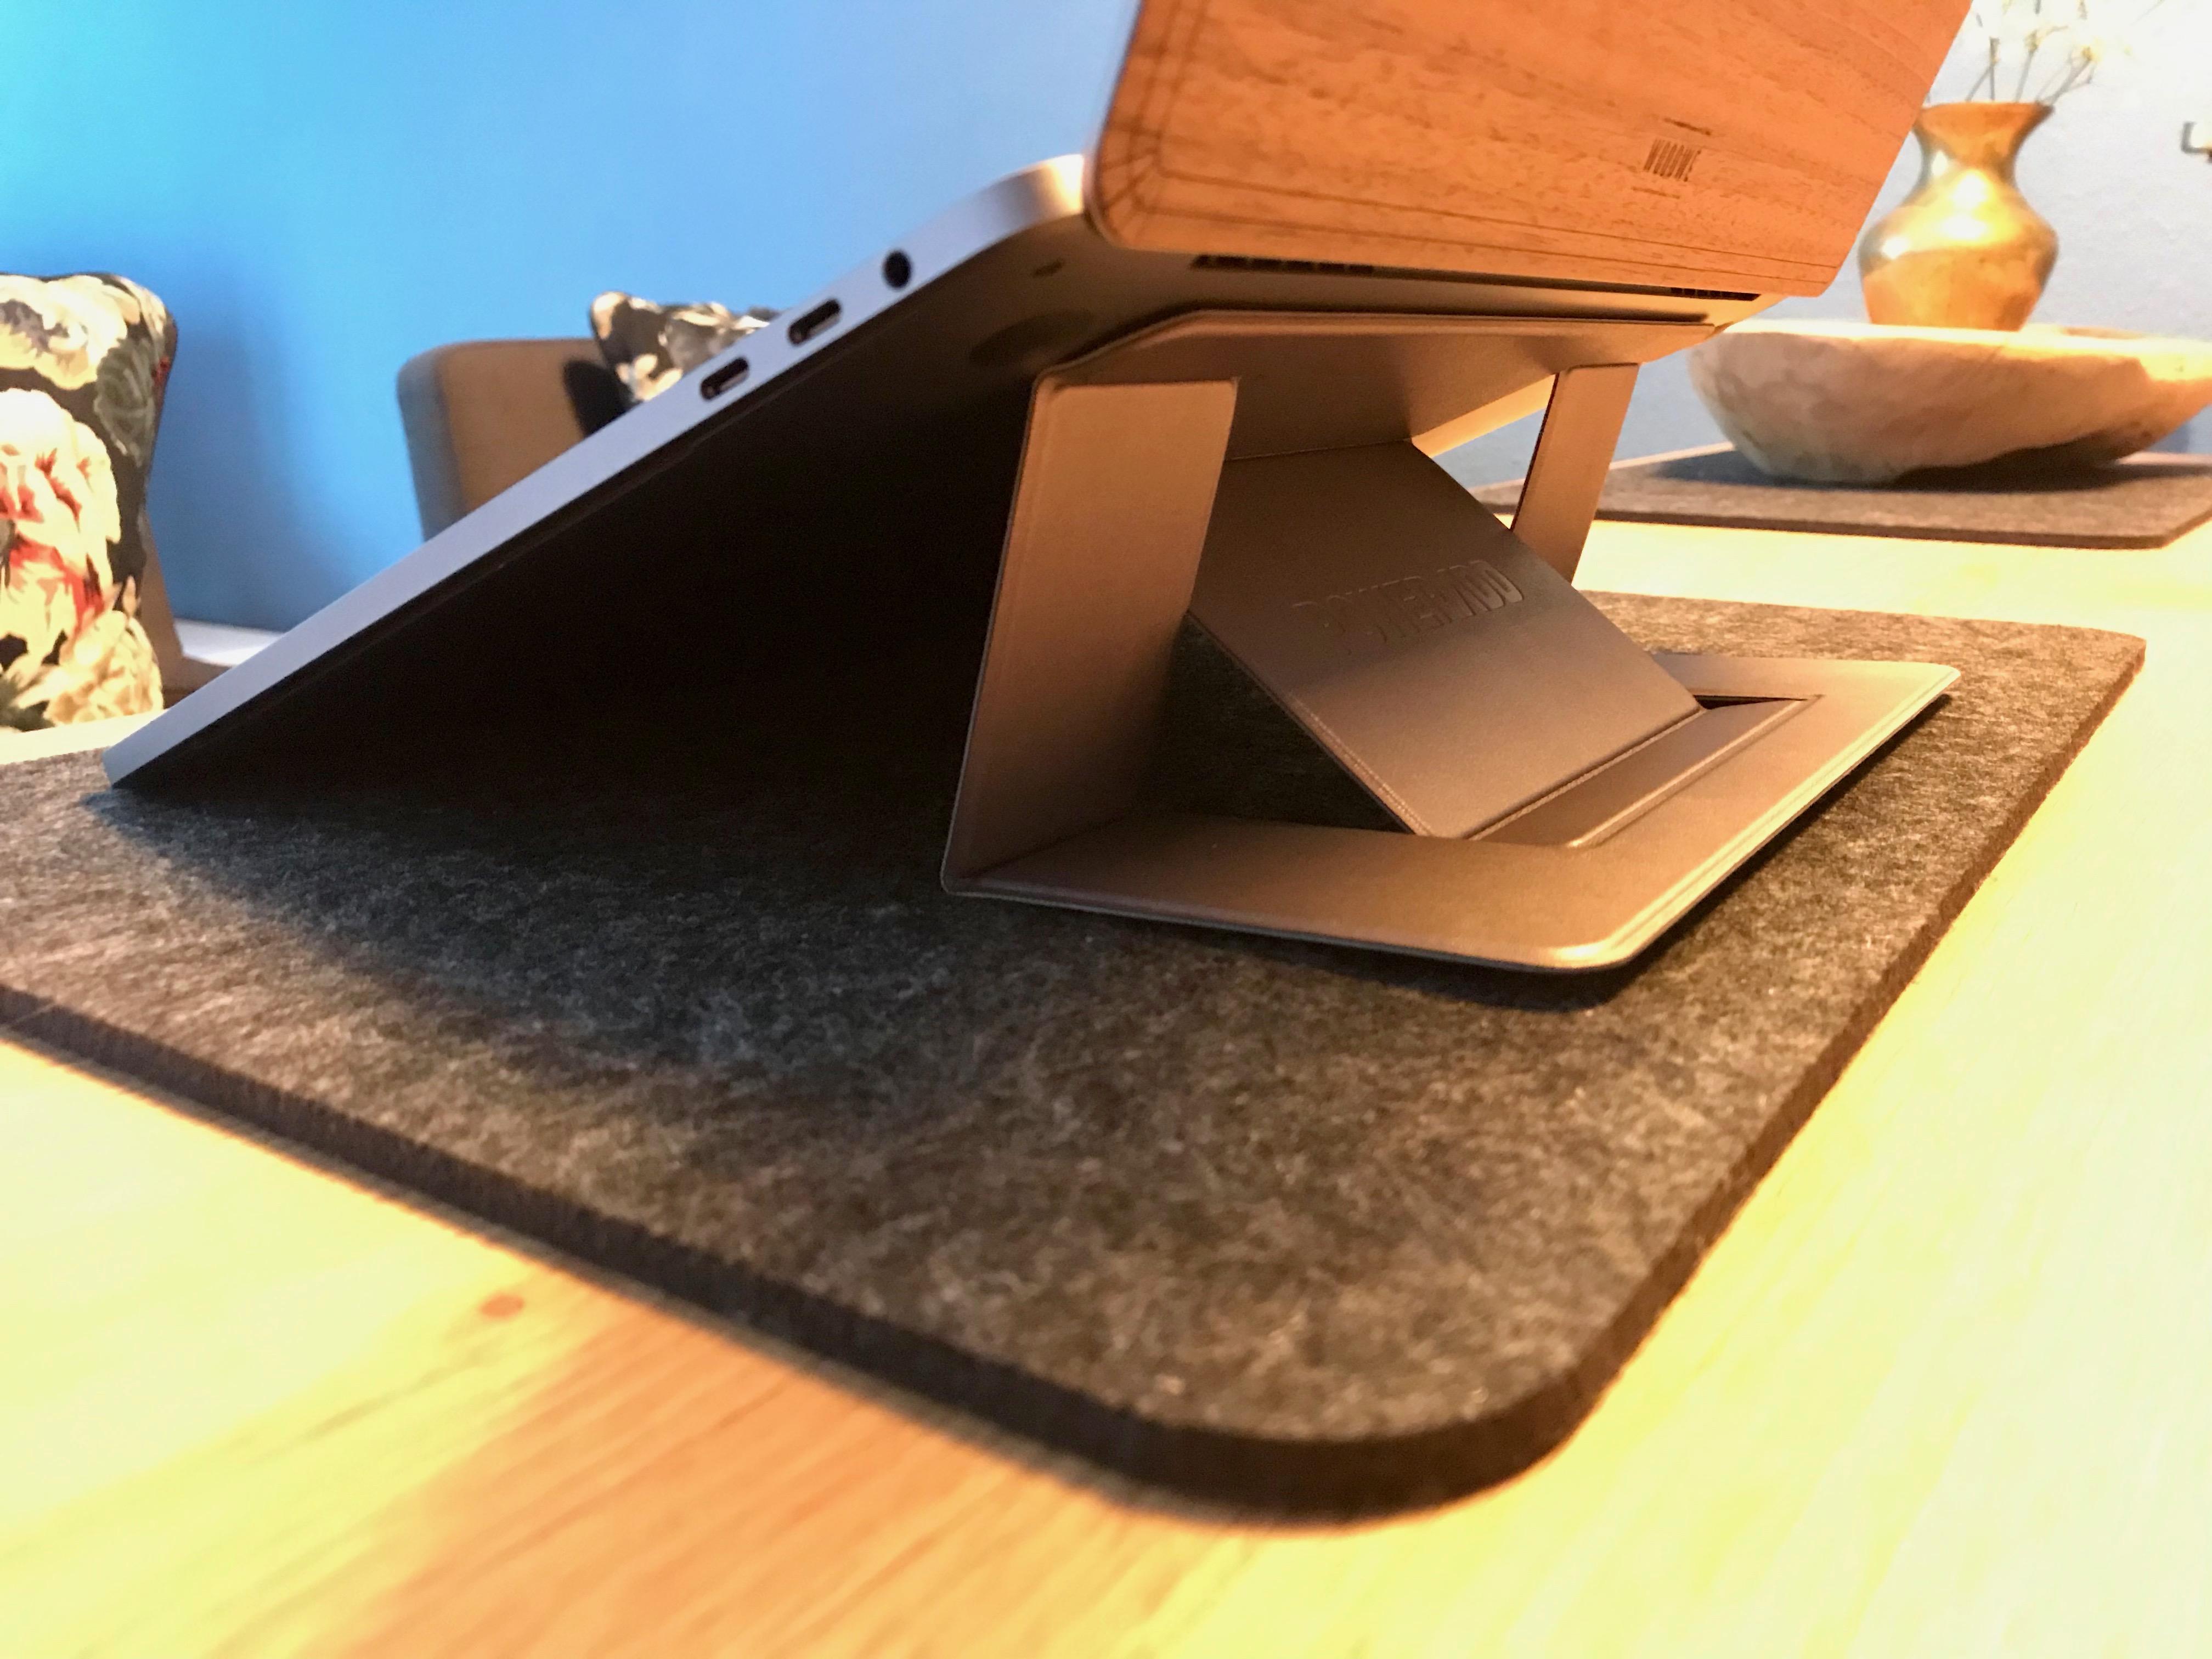 Unauffälliger, stabiler Laptopständer